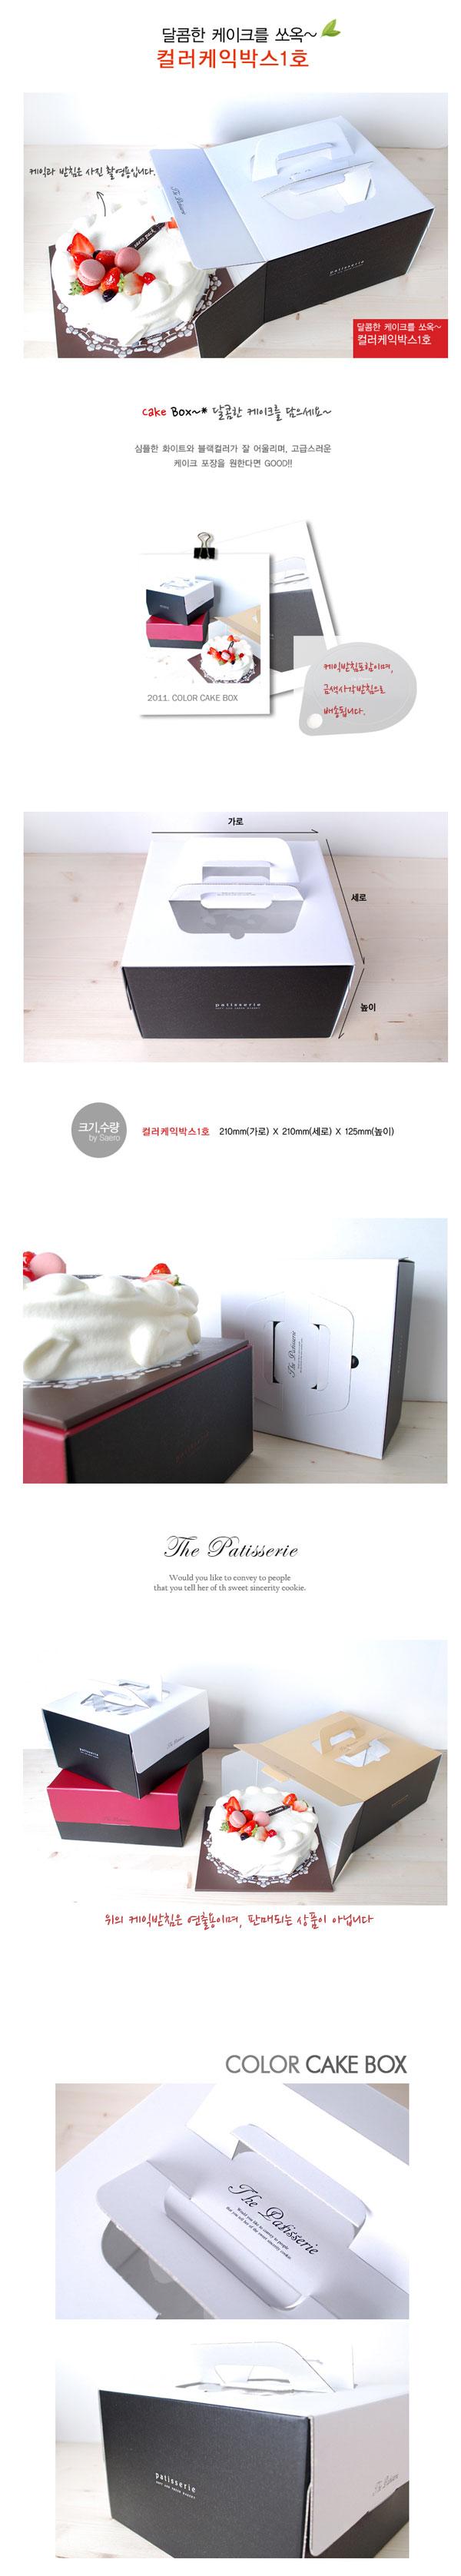 컬러케익박스1호(케익받침포함) - 이홈베이킹, 1,700원, DIY재료, 포장용구